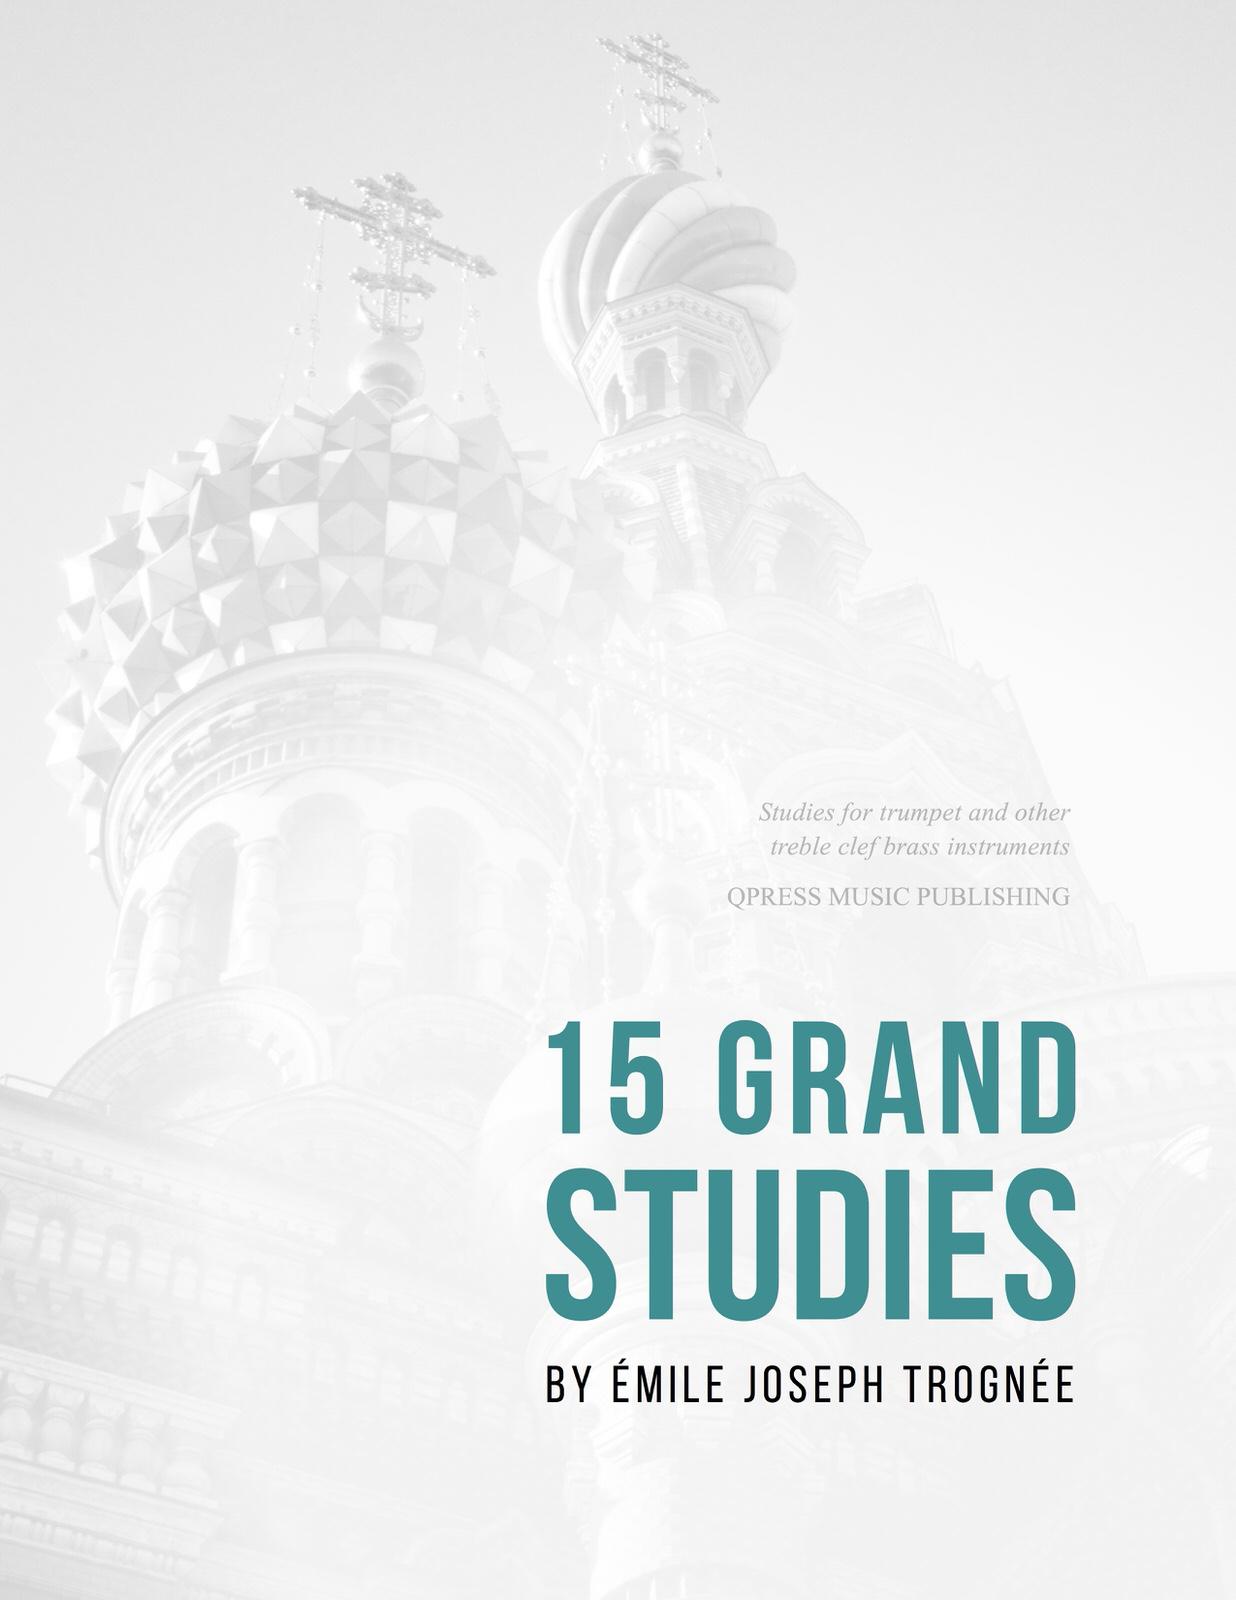 Trognee, 15 Grand Studies-p01